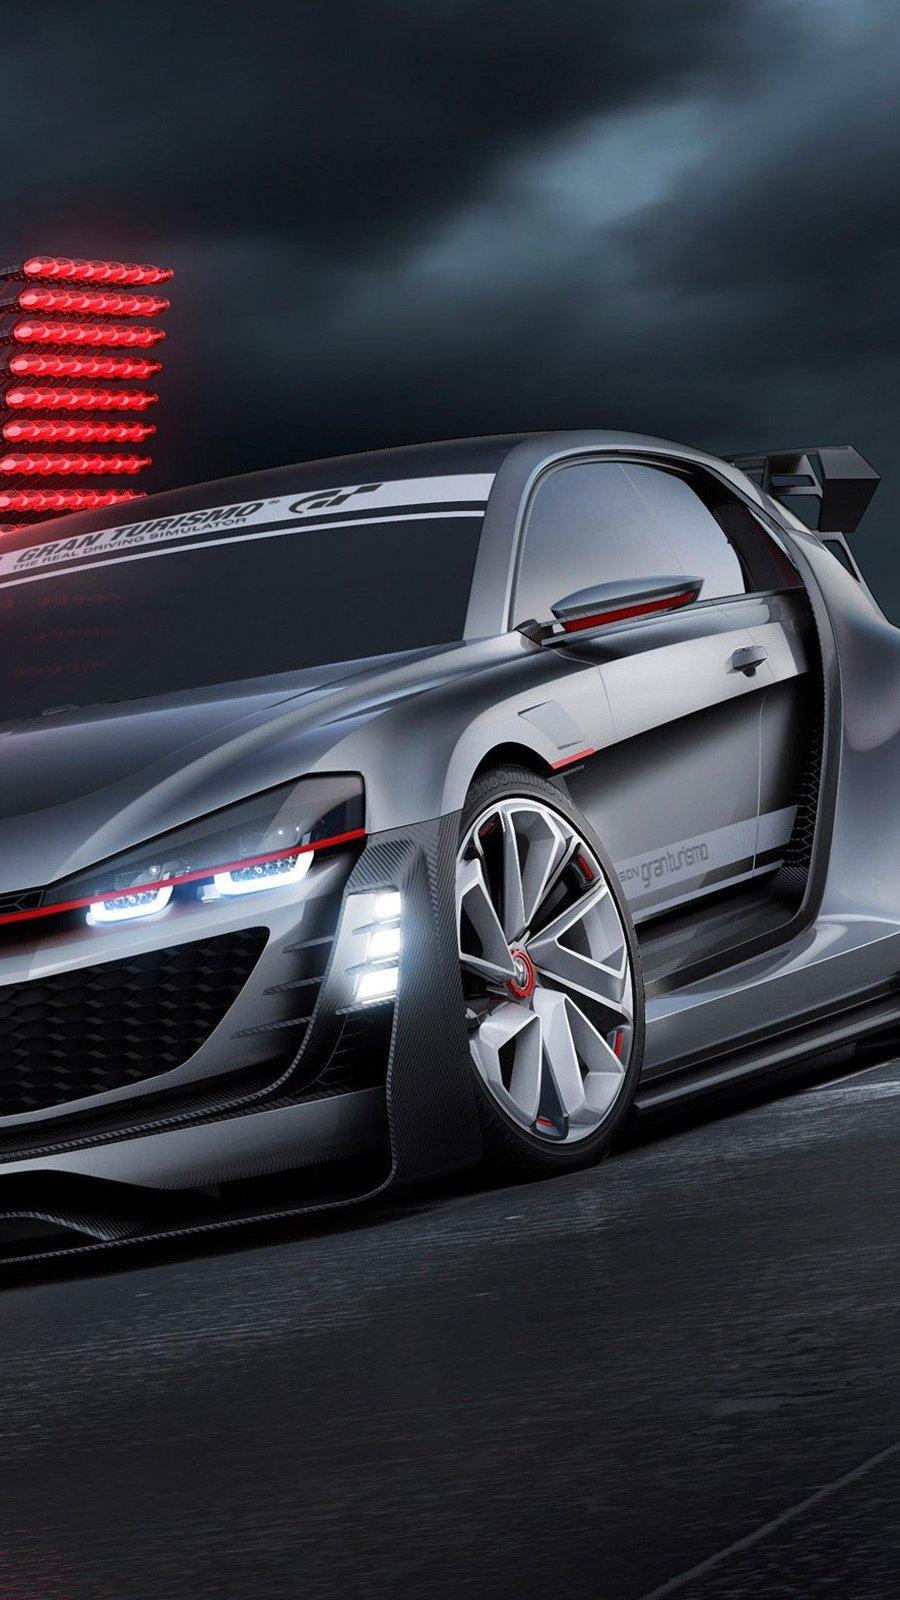 Fondos de pantalla Volkswagen GTI Supersport Vision Gran Turismo Vertical